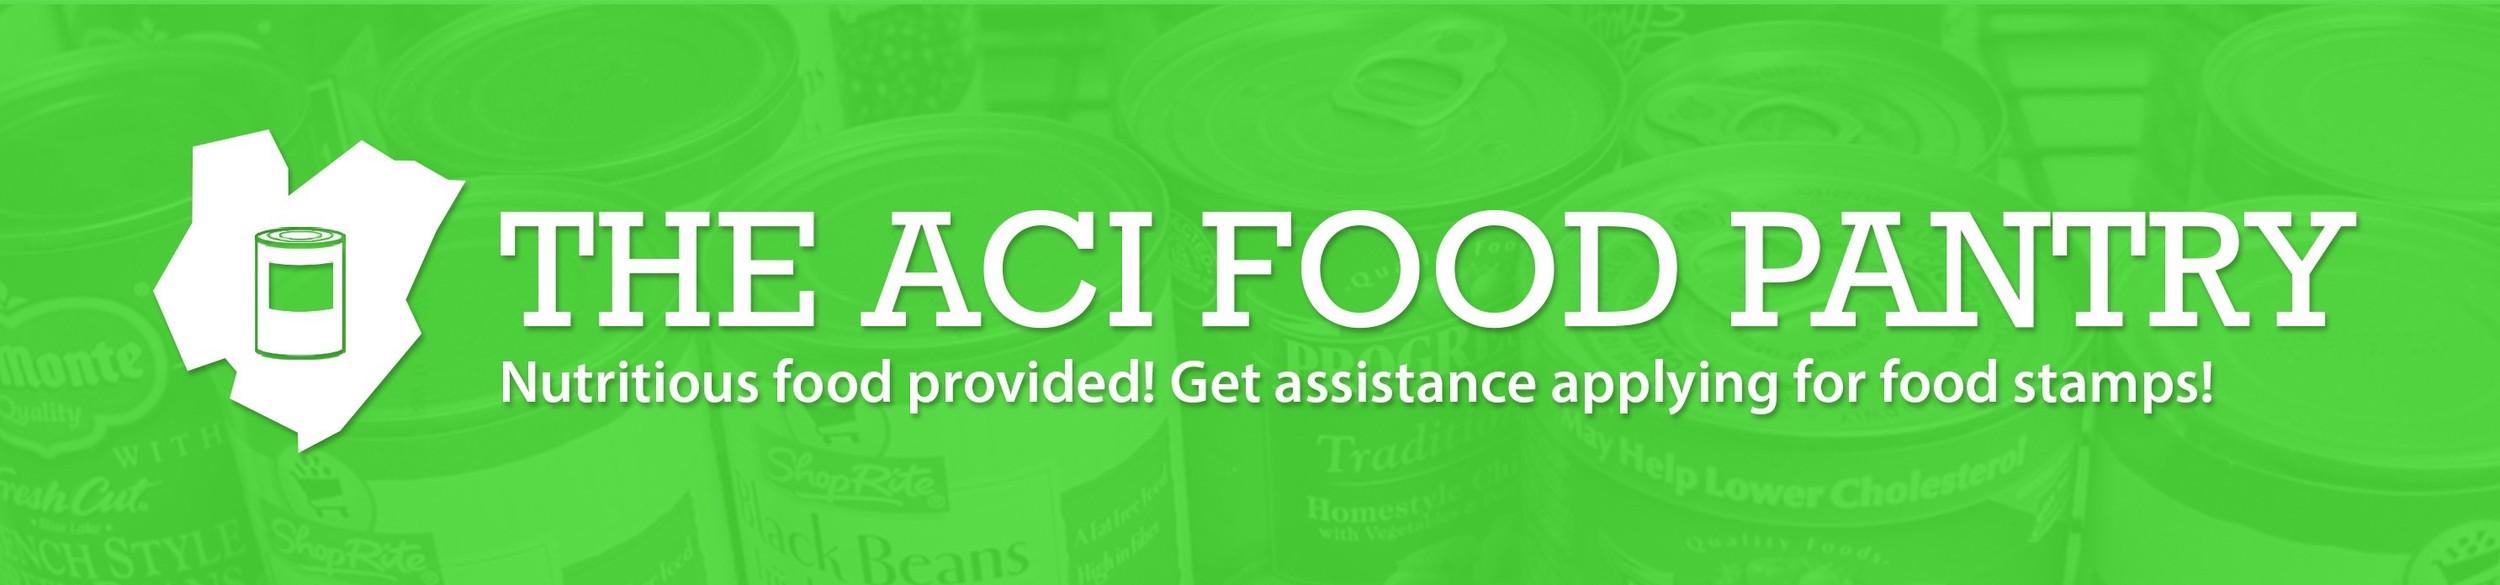 ACI Food Pantry.jpg